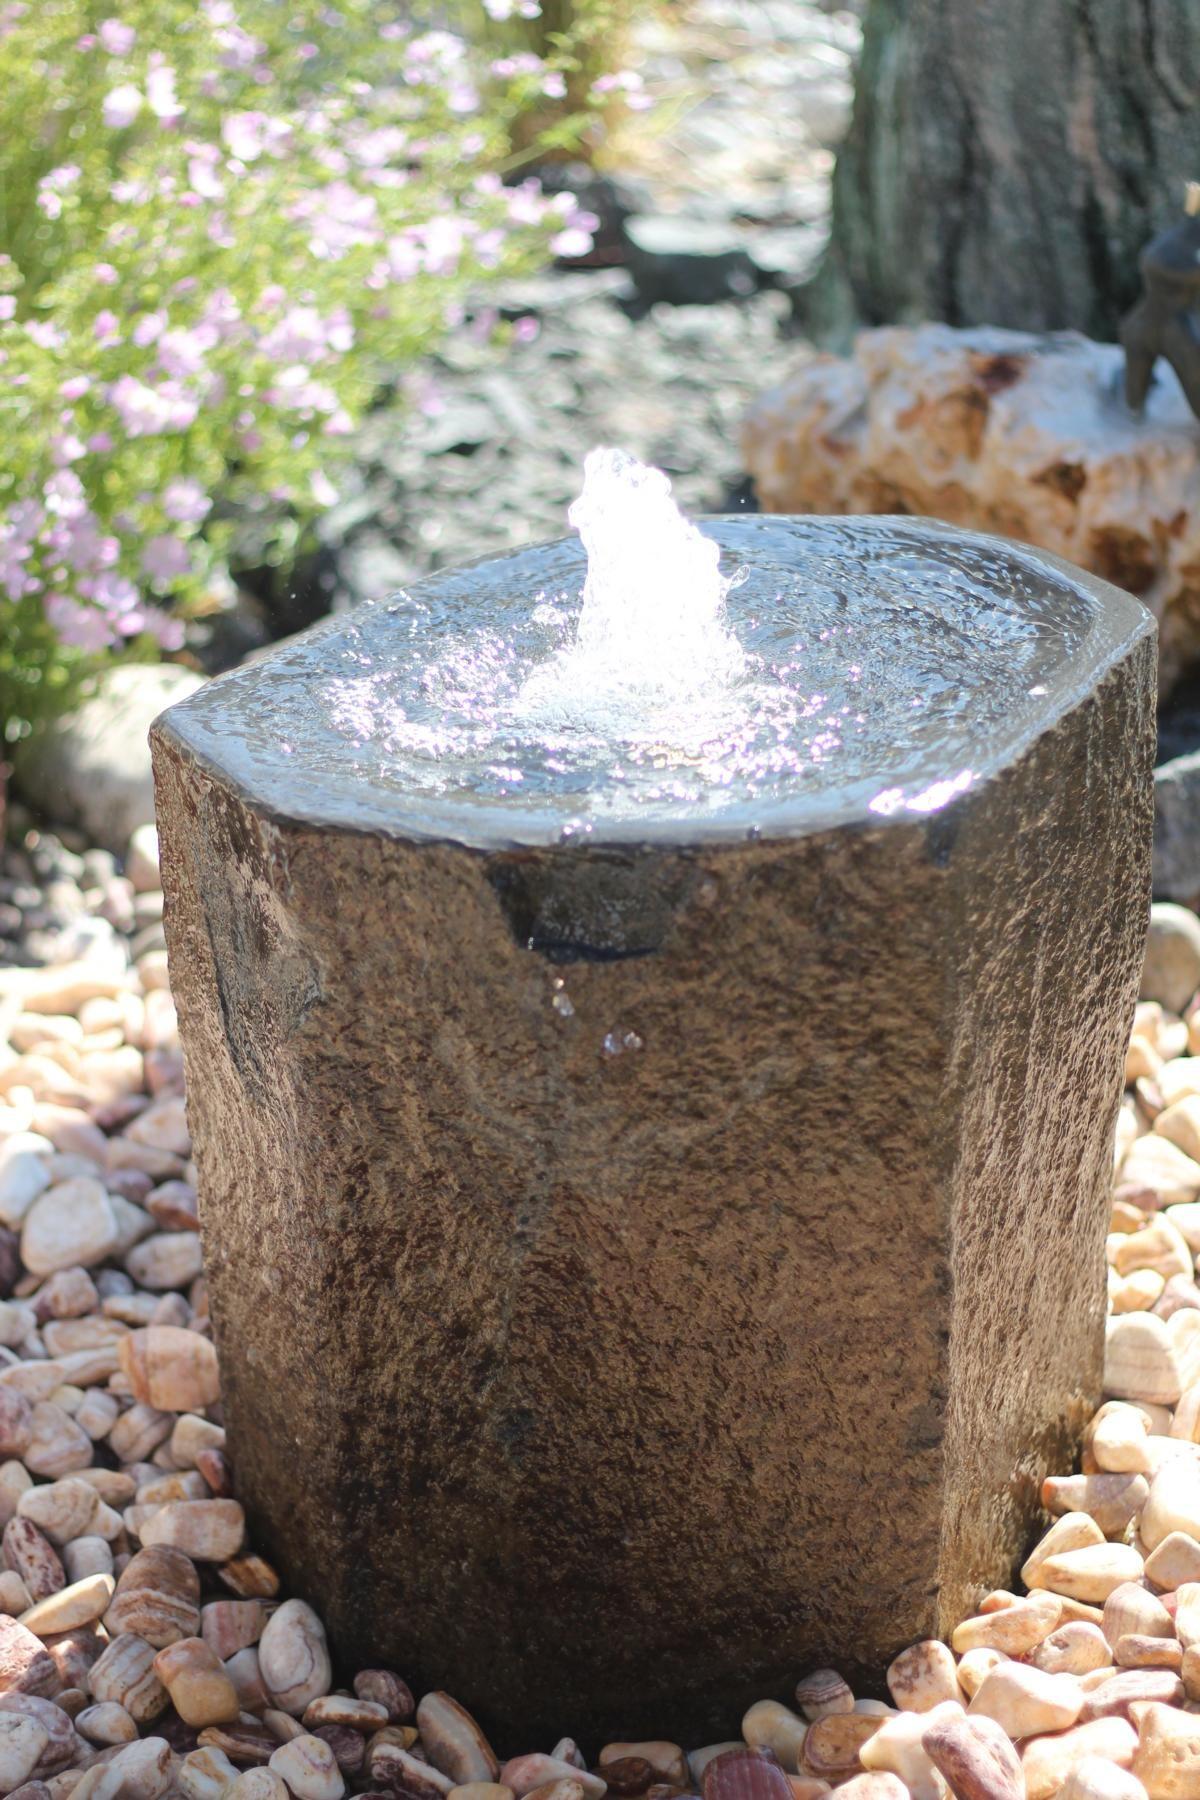 wasserspiel brunnen naturstein quellstein basalt wasser im garten ausstellung. Black Bedroom Furniture Sets. Home Design Ideas